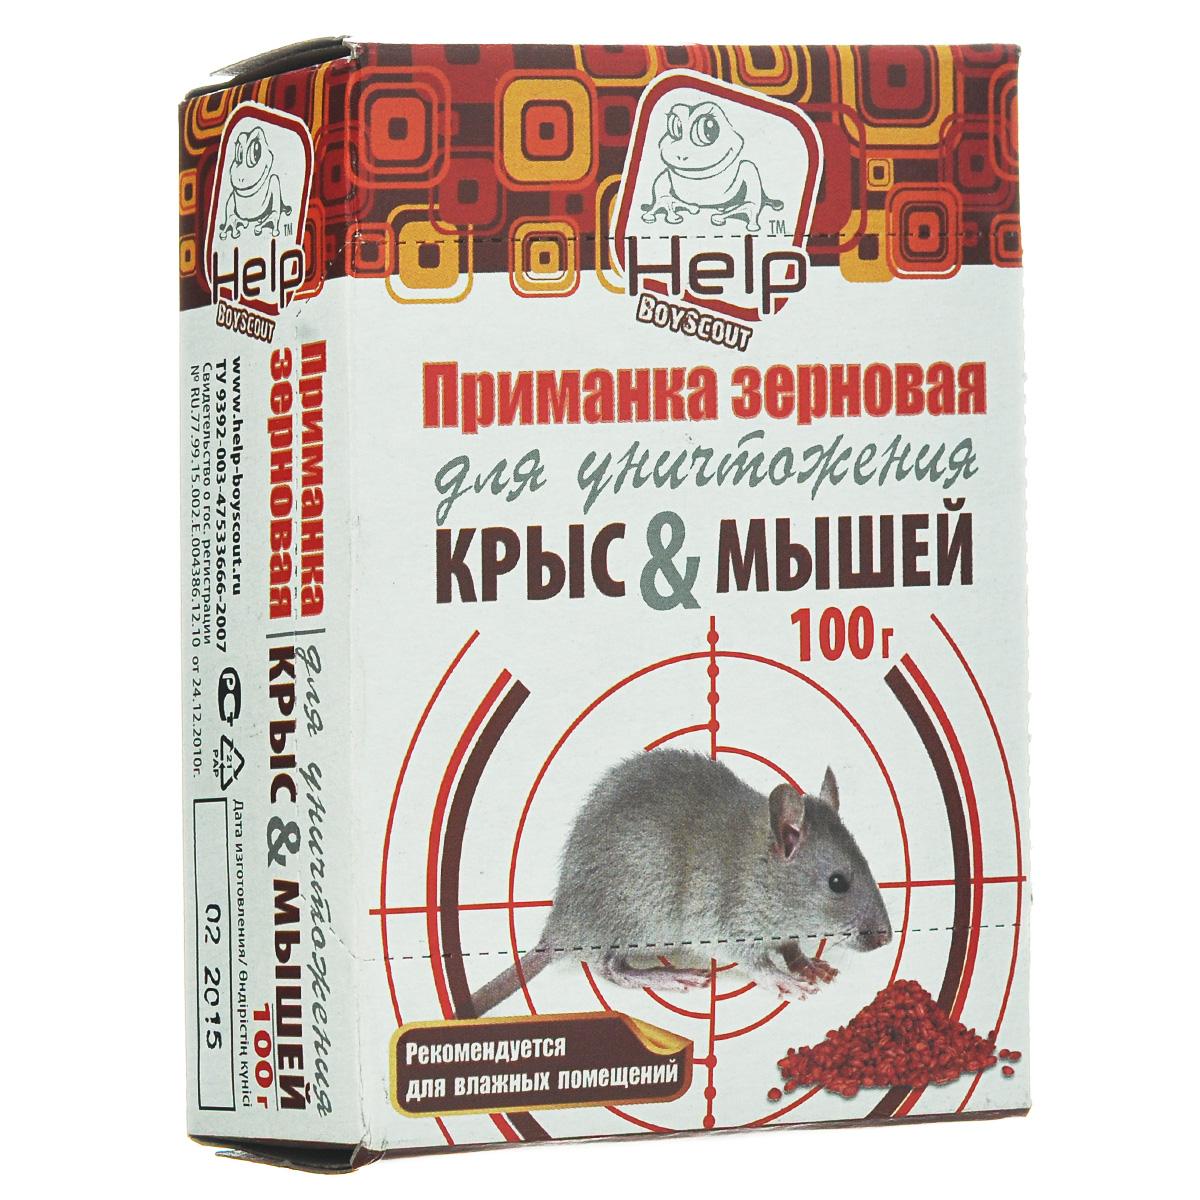 Приманка зерновая HELP для уничтожения крыс и мышей, 100 г80262Приманка зерновая HELP предназначена для уничтожения крыс (серые, черные, водяные), мышей в жилых и нежилых помещениях, в канализационных сооружениях, в подвалах, погребах. Инструкция по применению указана на упаковке. Рекомендуется для влажных помещений. Вес: 100 г. Товар сертифицирован.